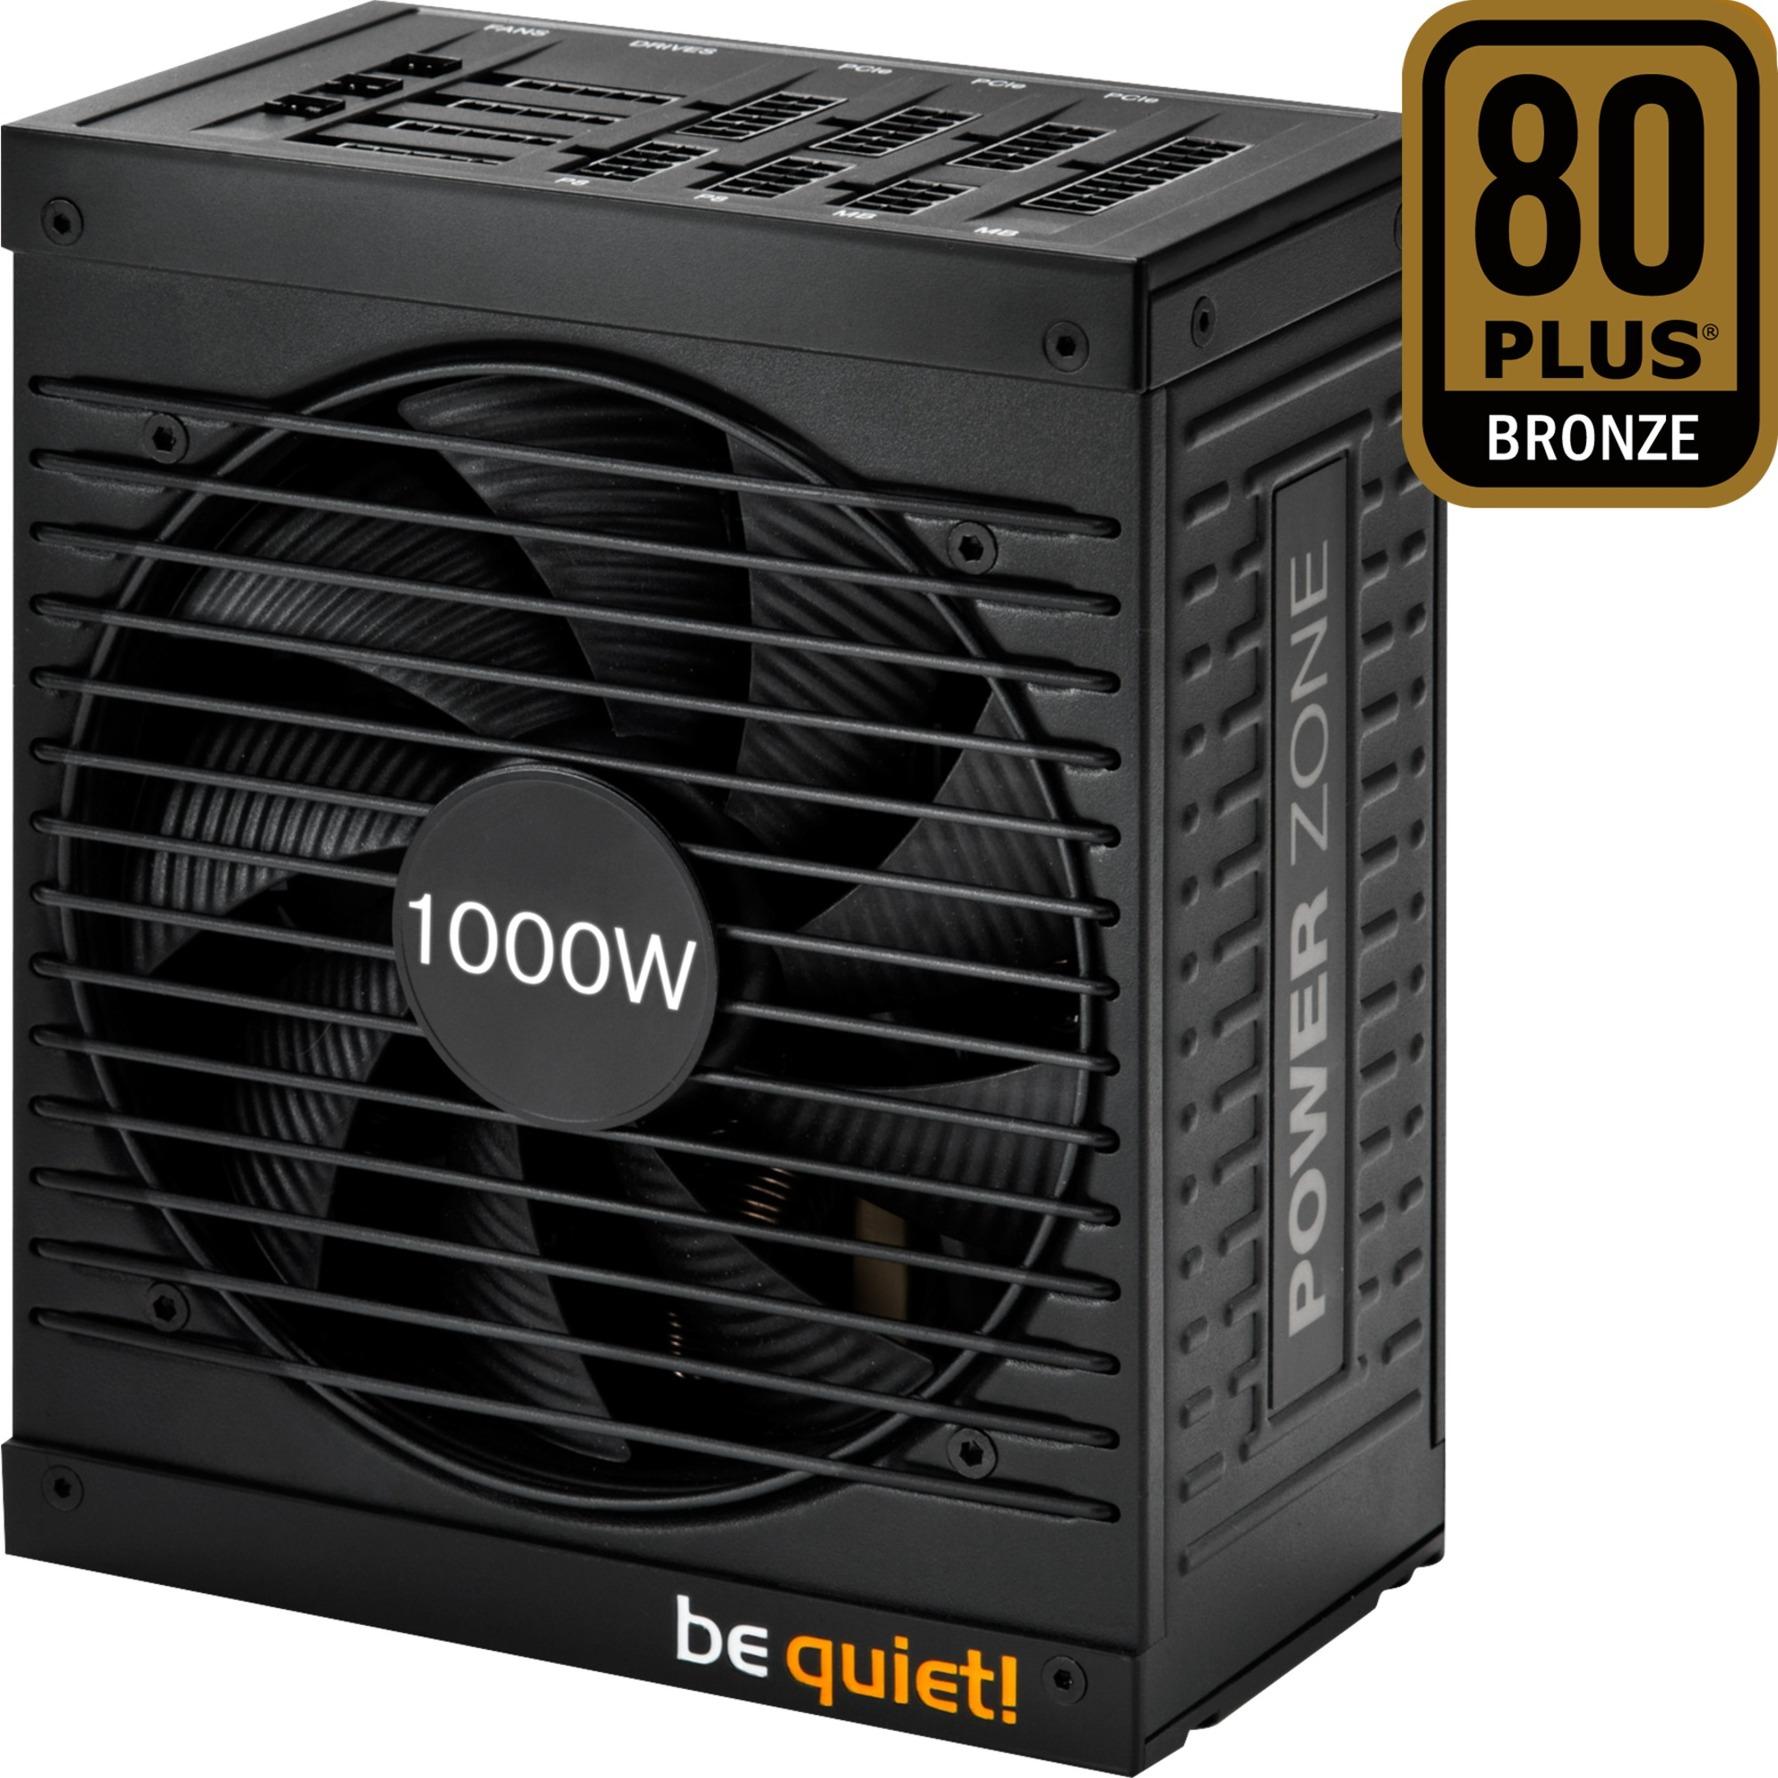 1000W Power Zone 1000W ATX Negro unidad de fuente de alimentación, Fuente de alimentación de PC